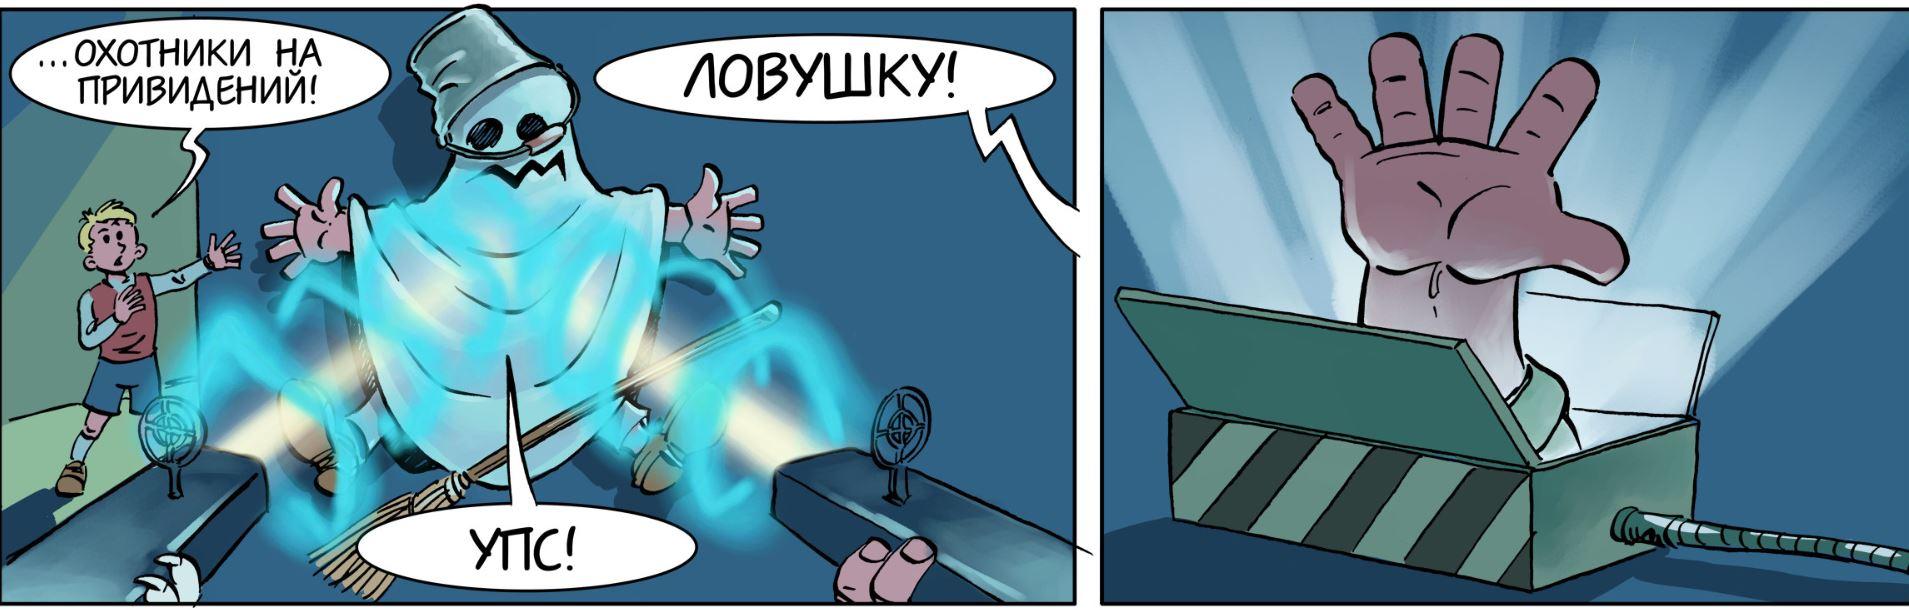 Комикс: Охотники запривидением смоторчиком 2